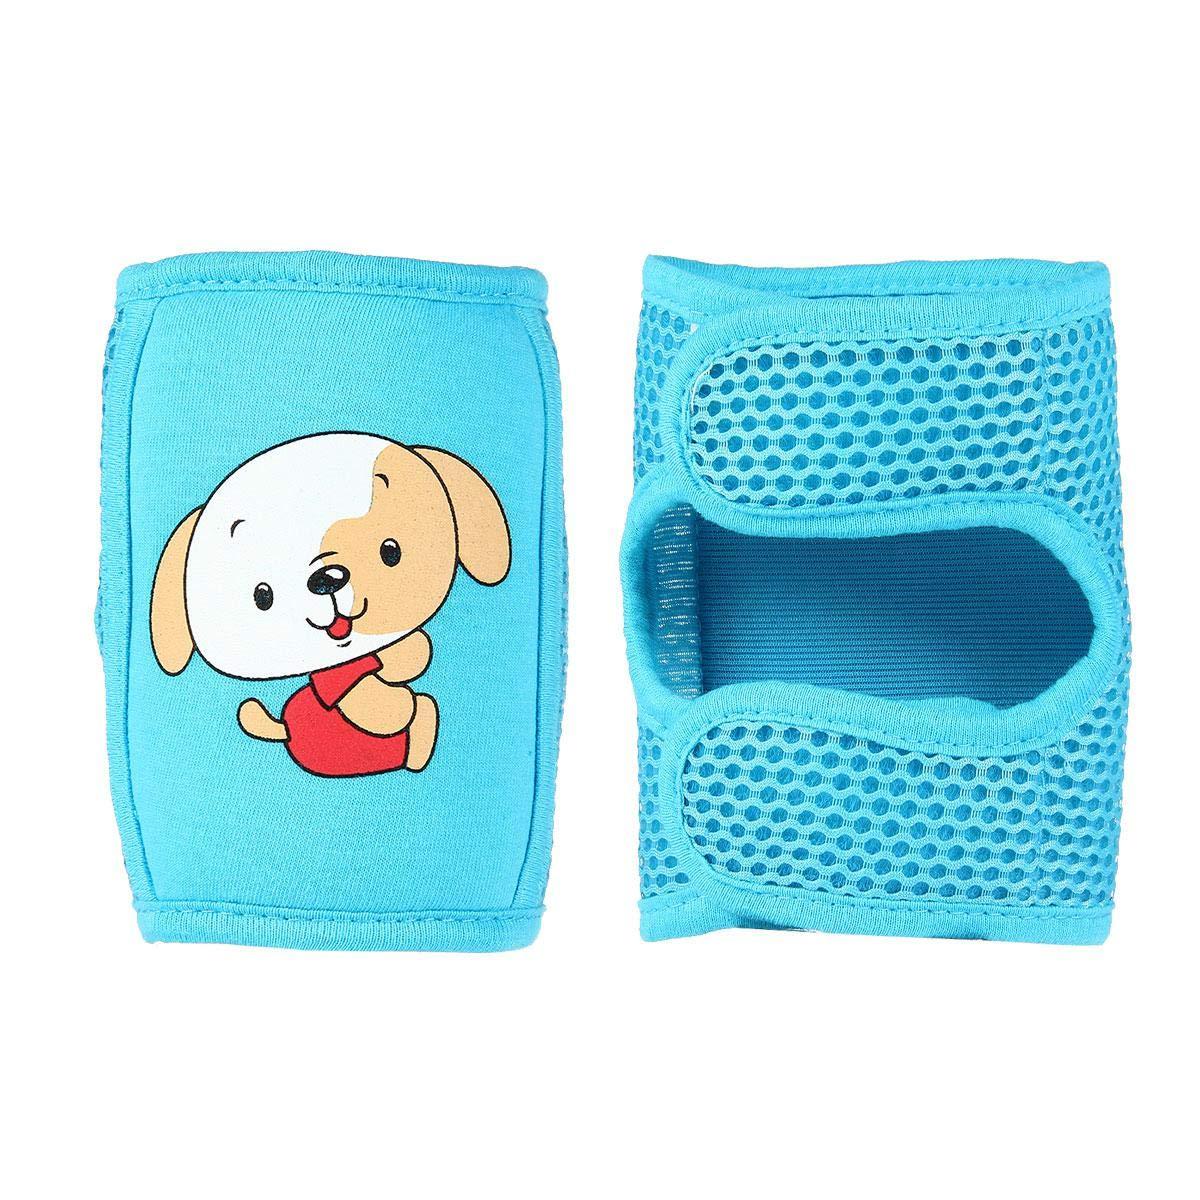 Genouillères Bébé Genou de Protection Rampant Protecteur Guêtres pour Bébé 0-6 Années - 1 Paire(Rose) AOLVO